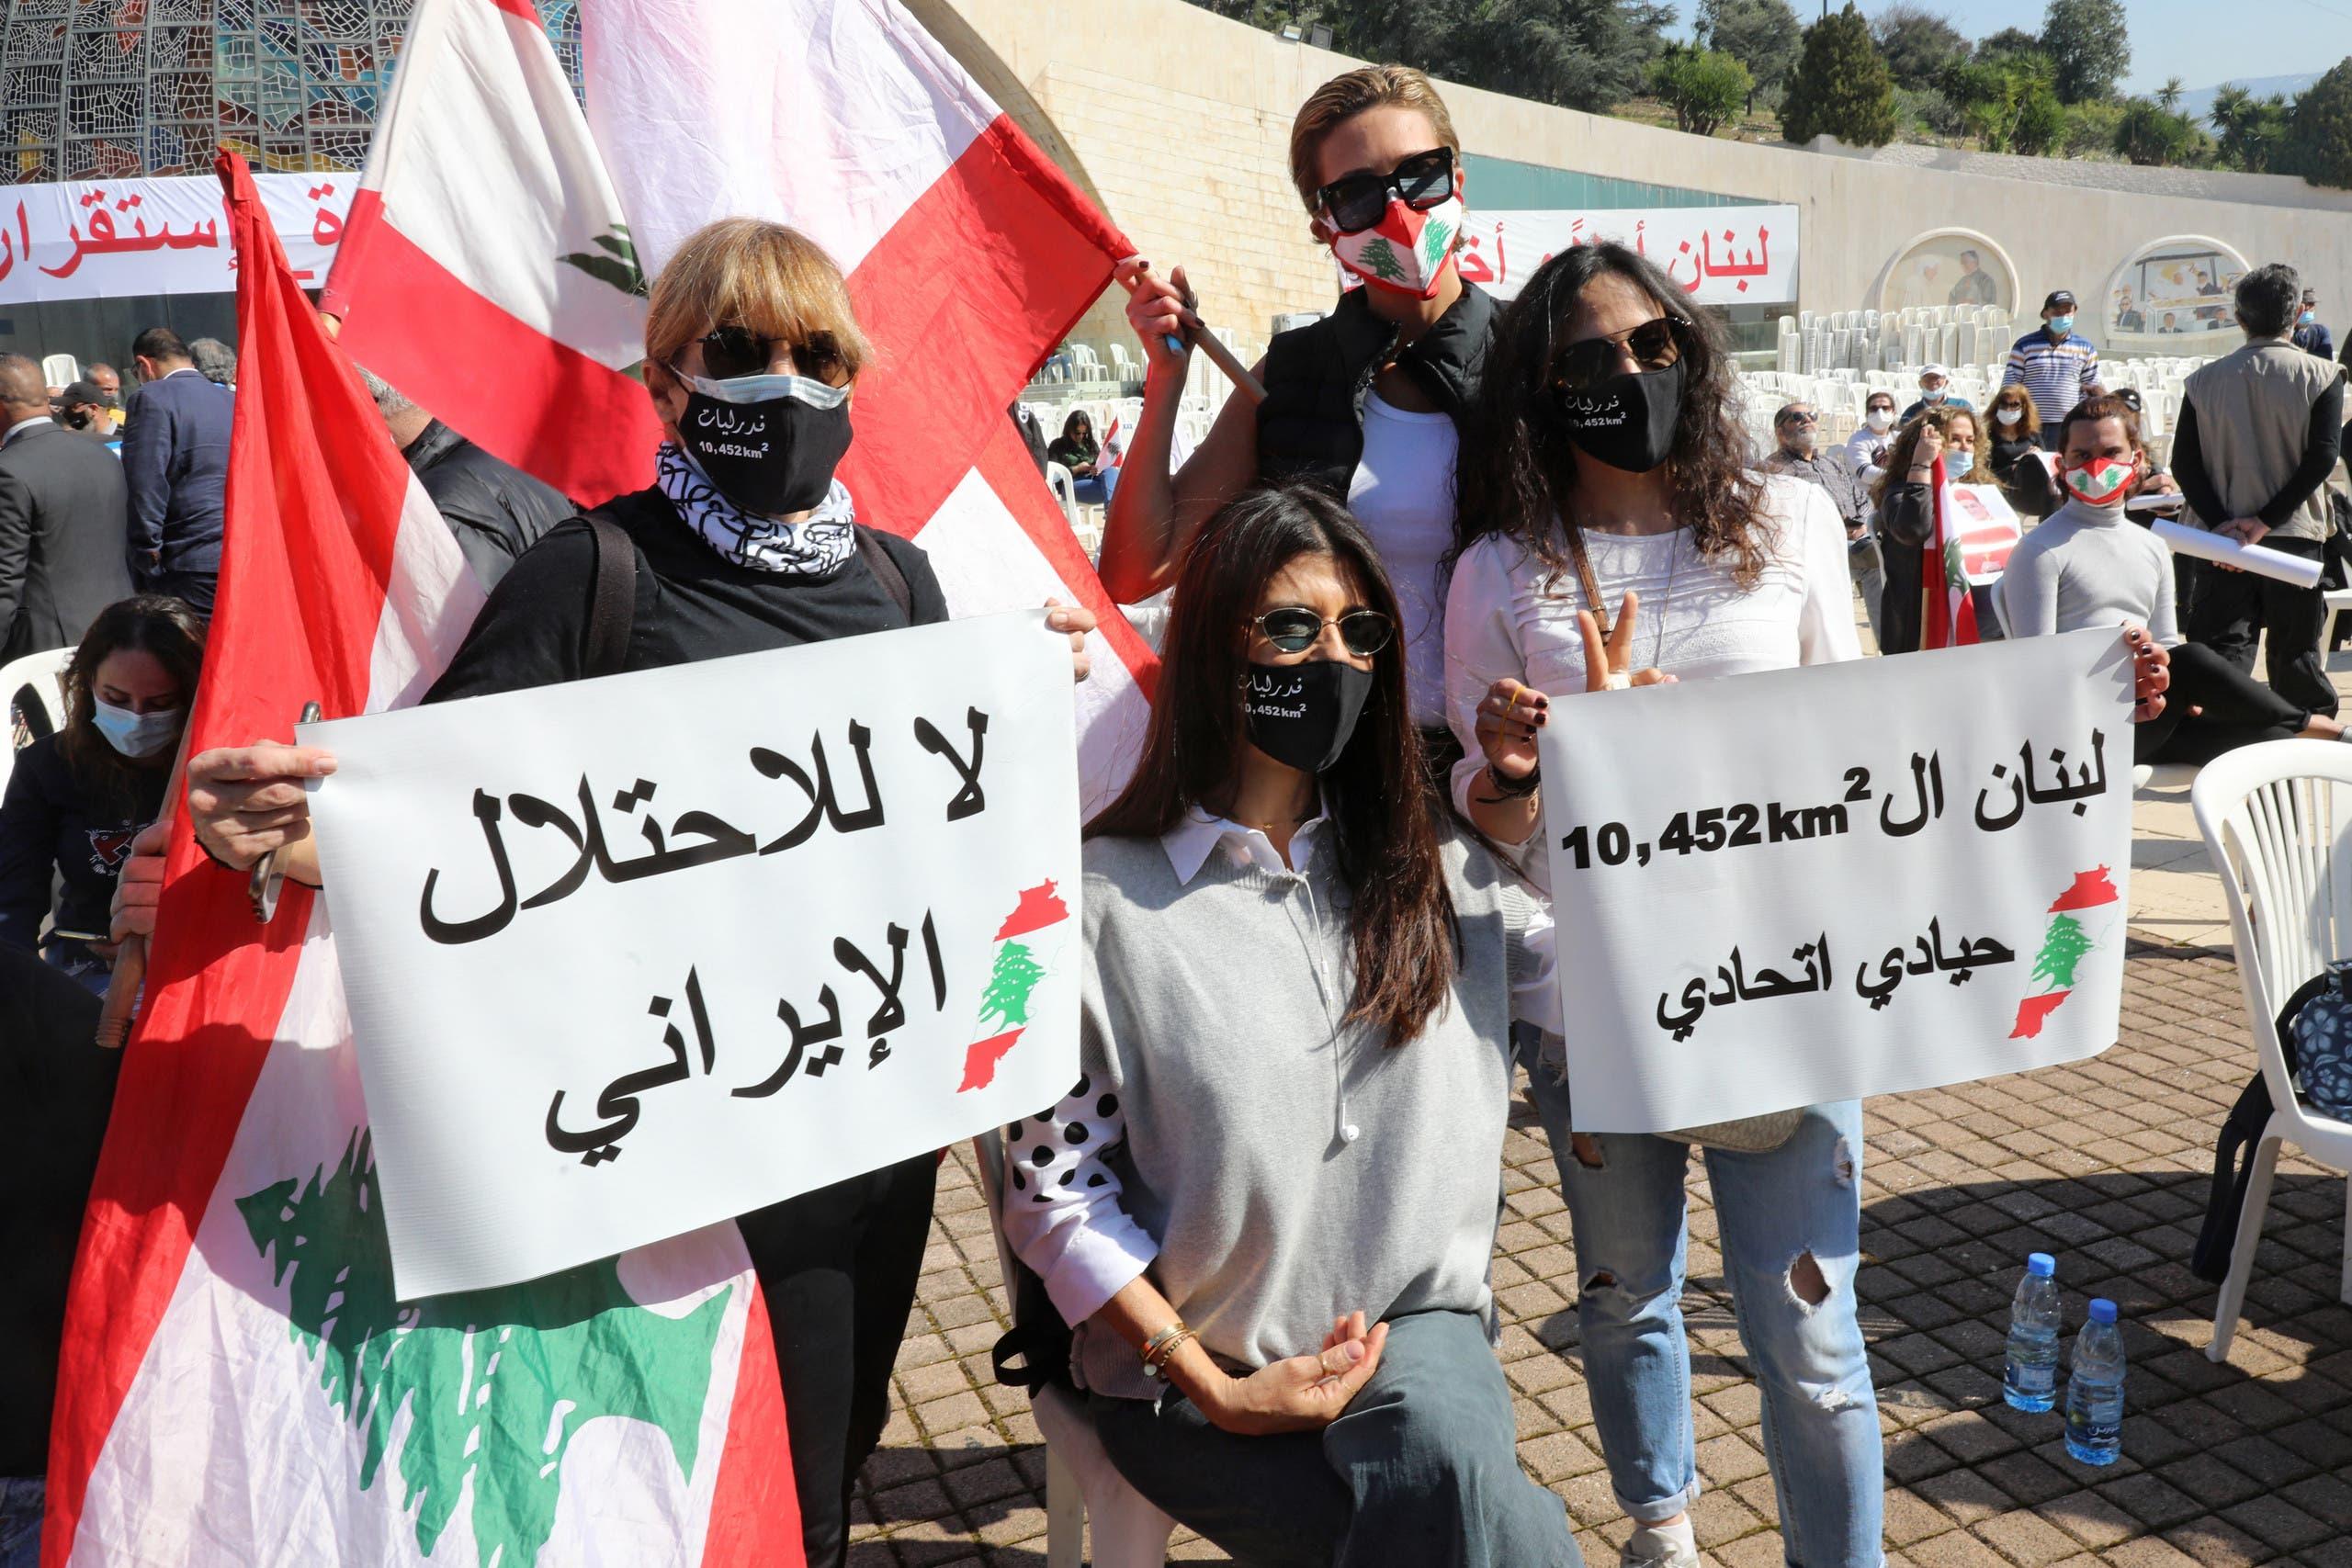 من مسيرة التأييد للبطريرك الماروني في لبنان (فرانس برس)